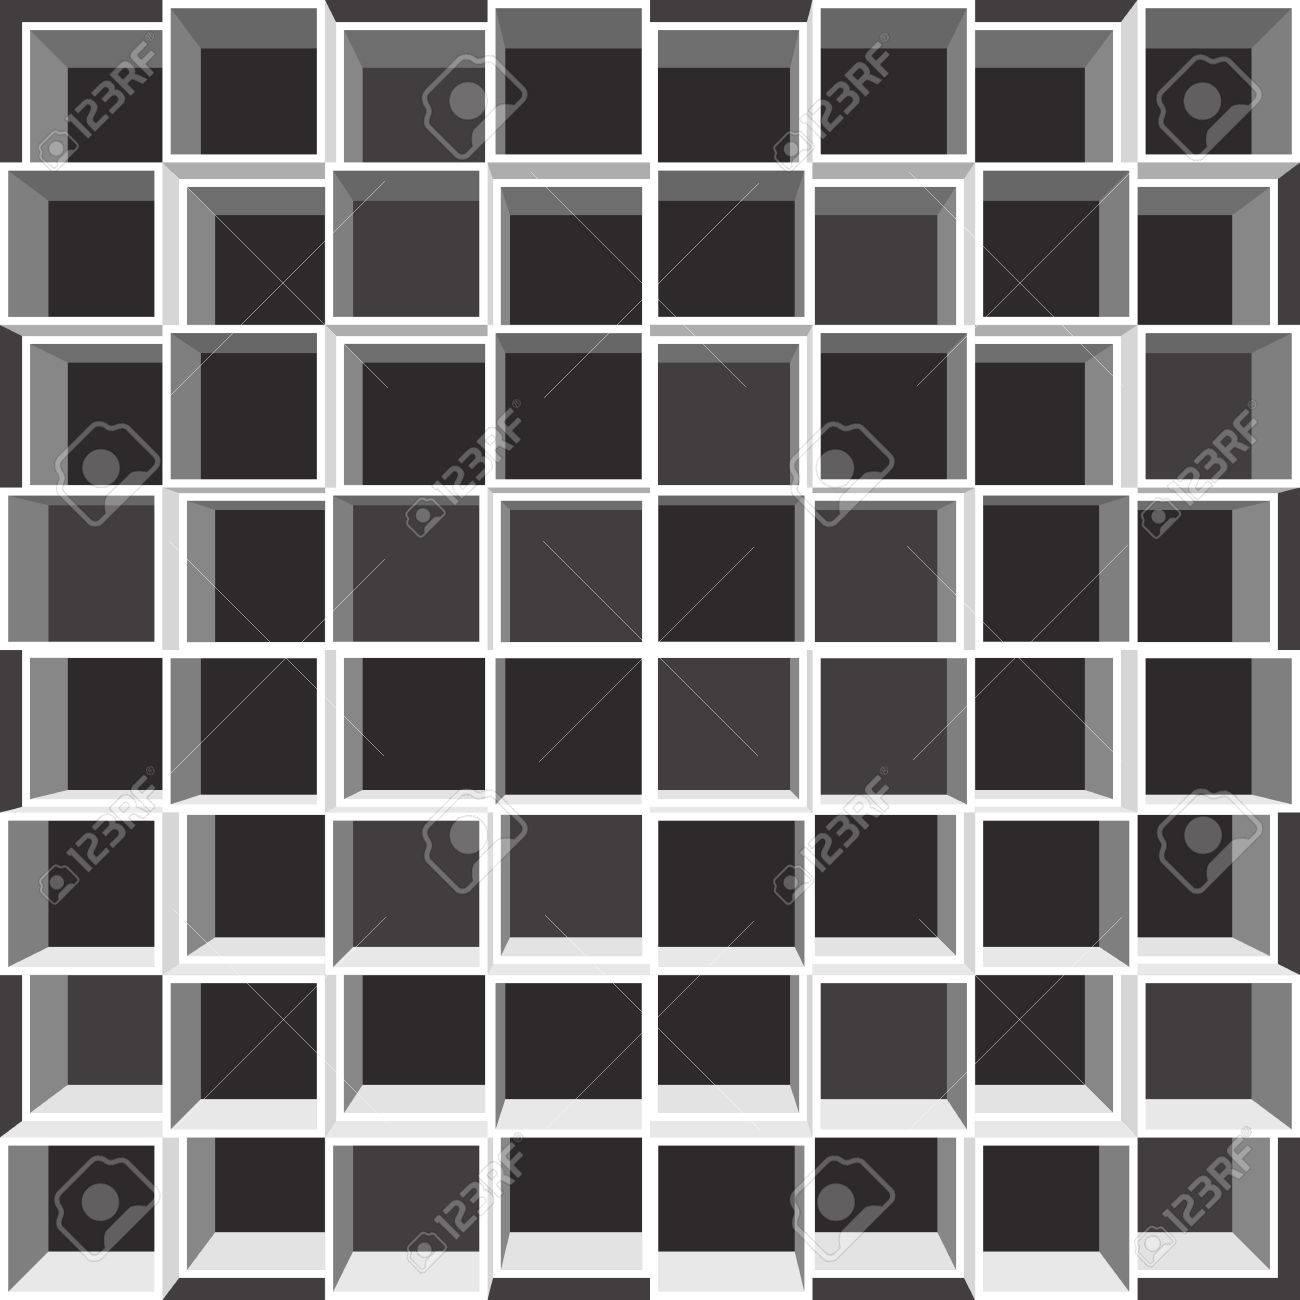 Full Size of Fächer Regal Mit Quadratischen Fchern Wei Auf Schwarzem Schulte Regale Paletten Kolonialstil Günstig Weiße Dvd Flexa Tisch Kombination Cd Buche Holzregal Regal Fächer Regal